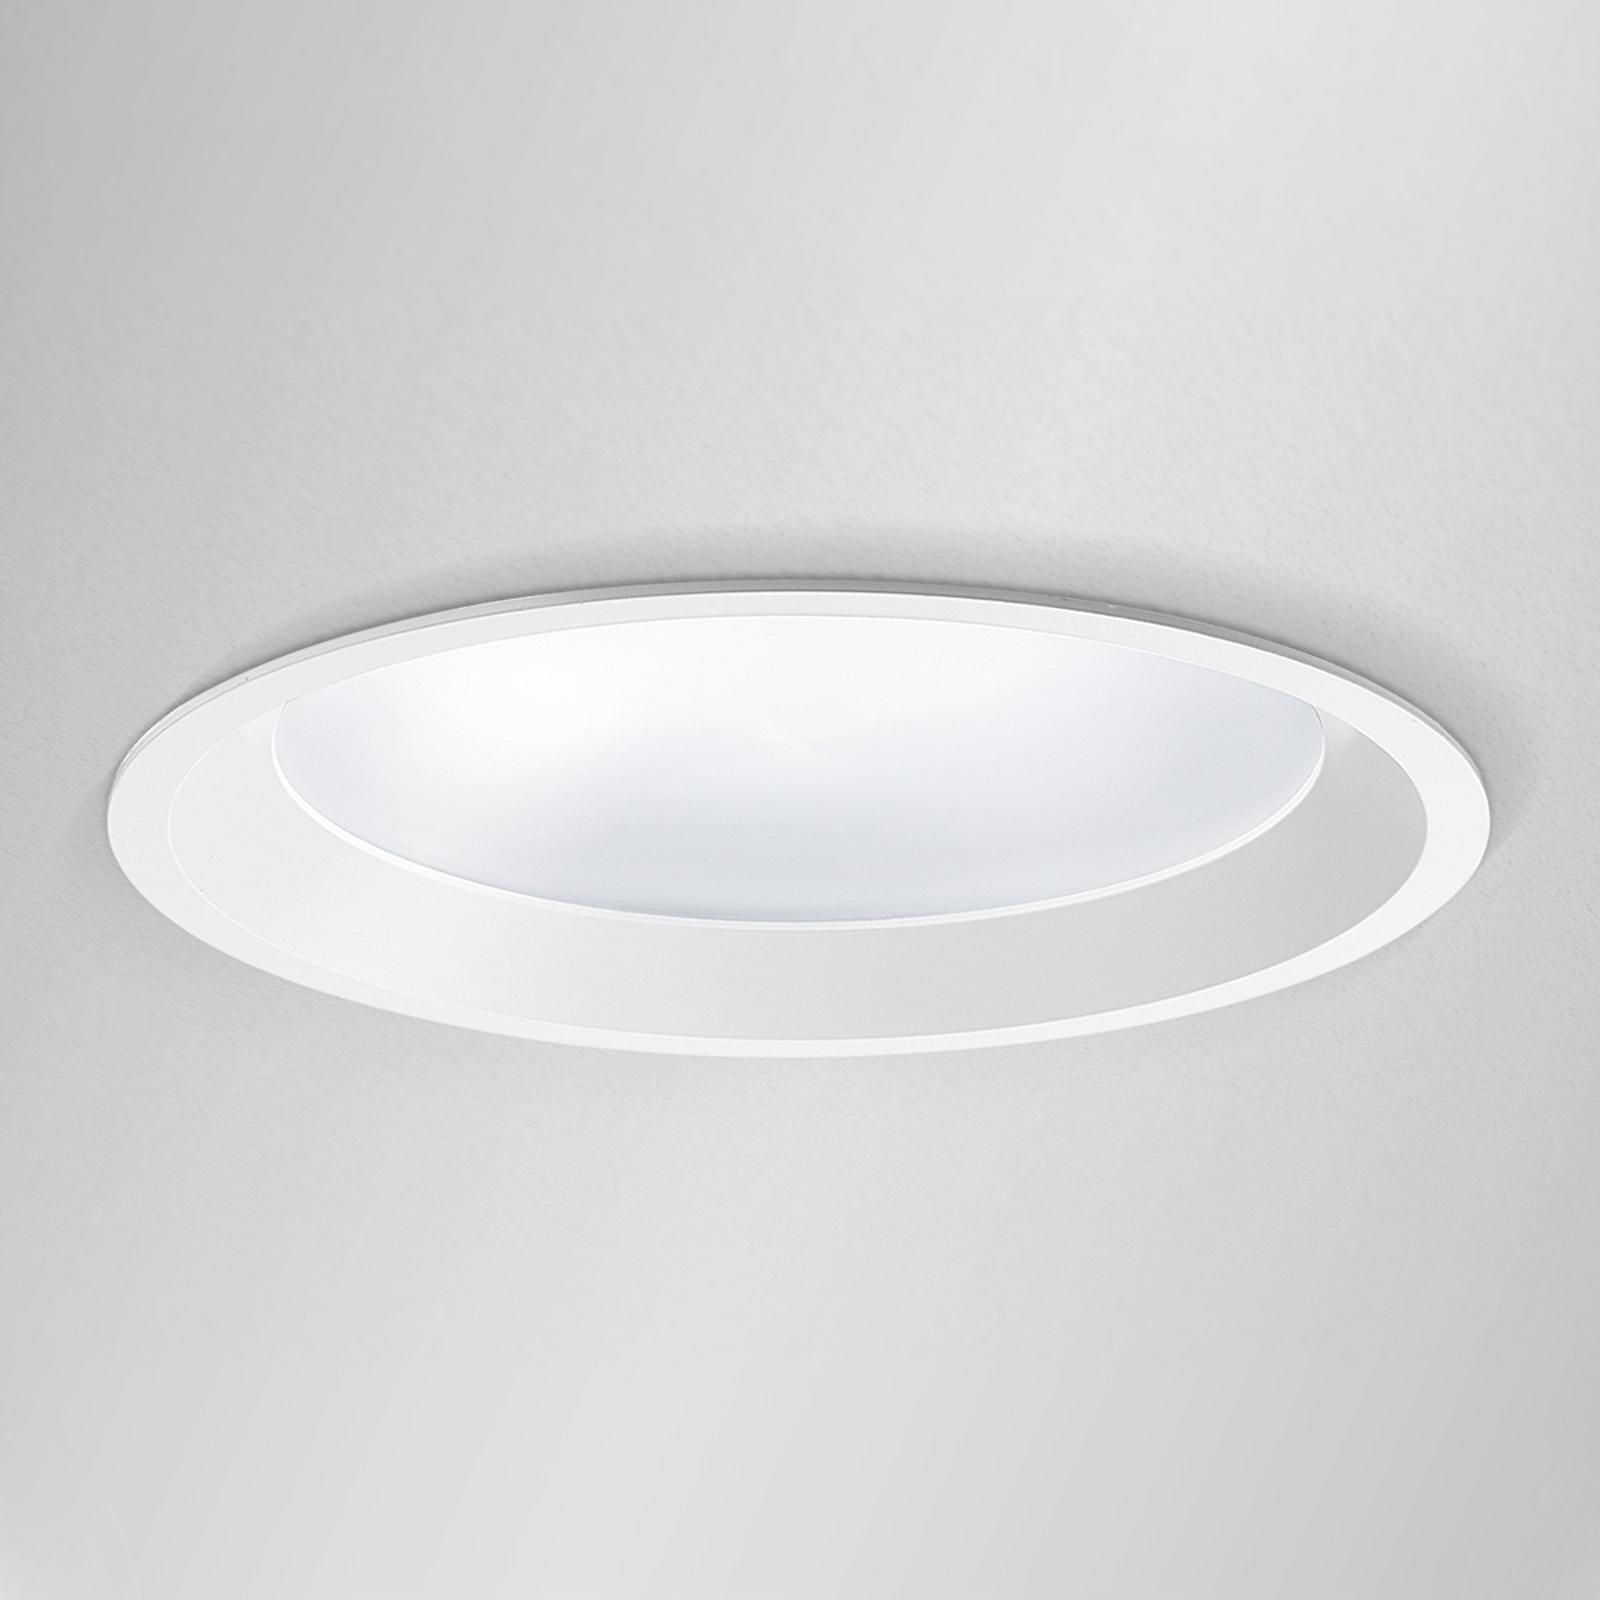 Średnica 19cm - oświetlenie wpuszczane Strato 190